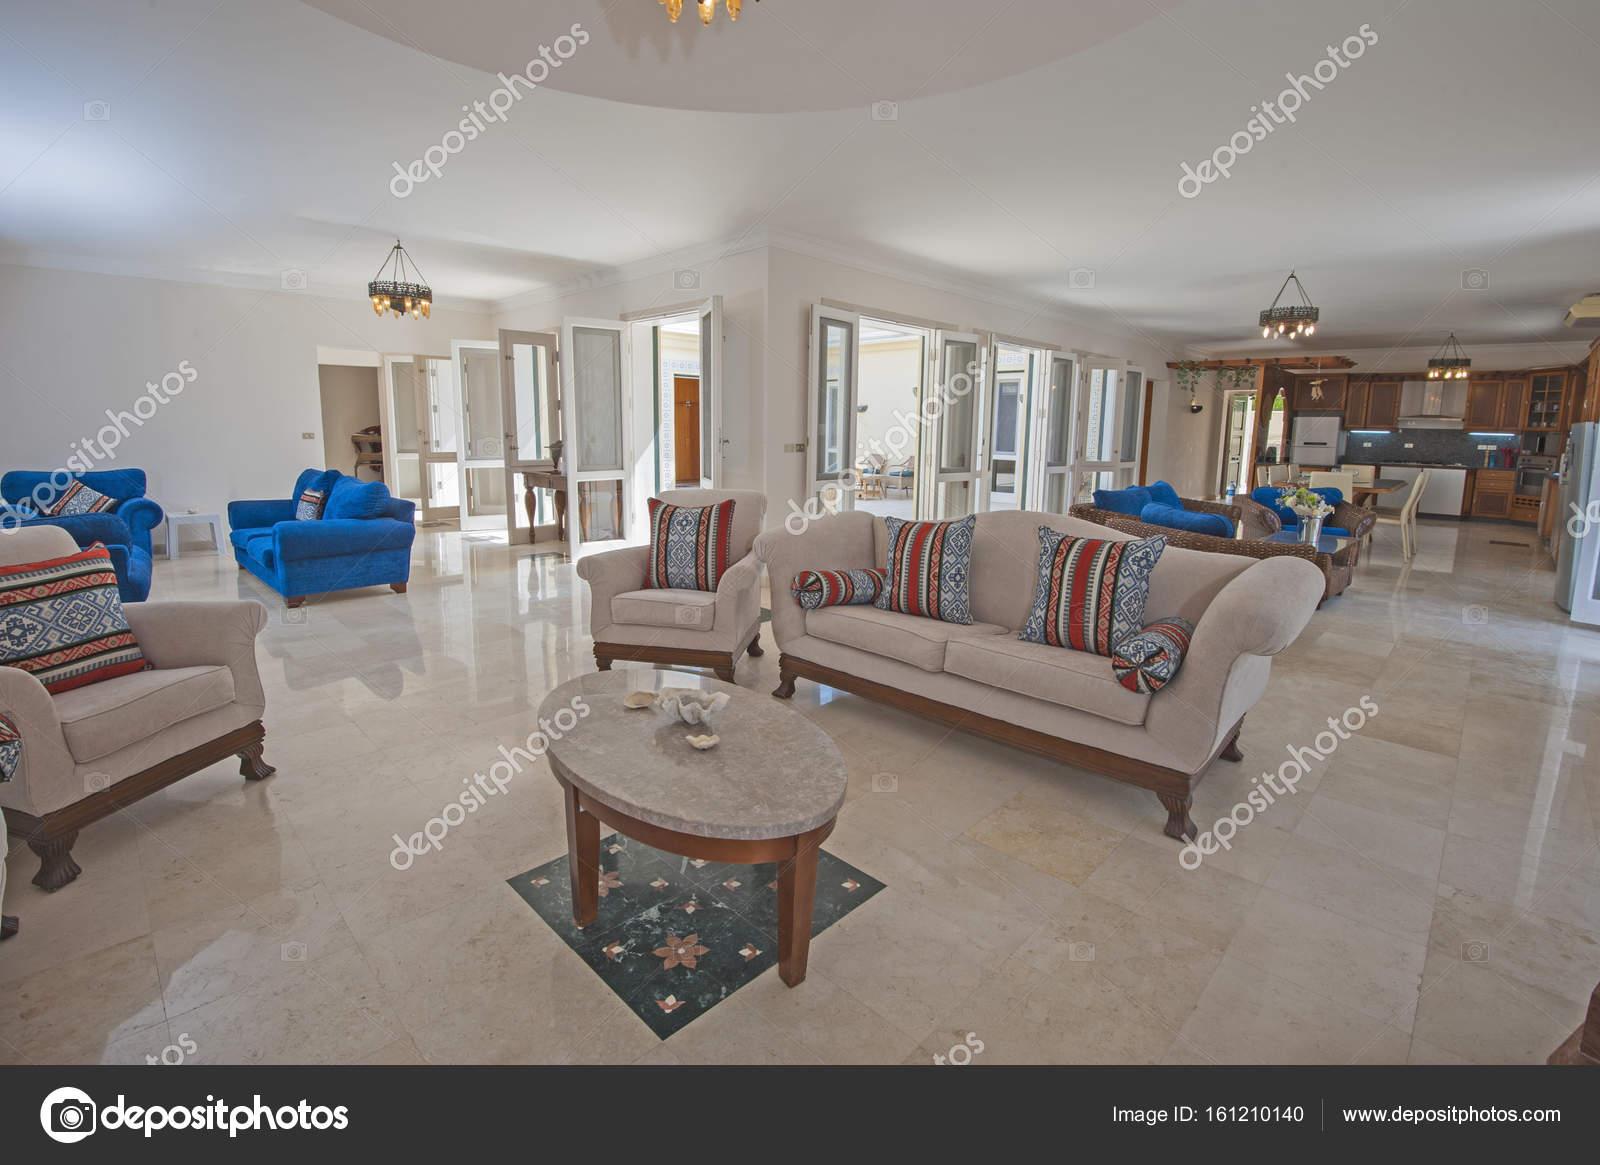 Interieurinrichting van luxe appartement woonkamer — Stockfoto ...